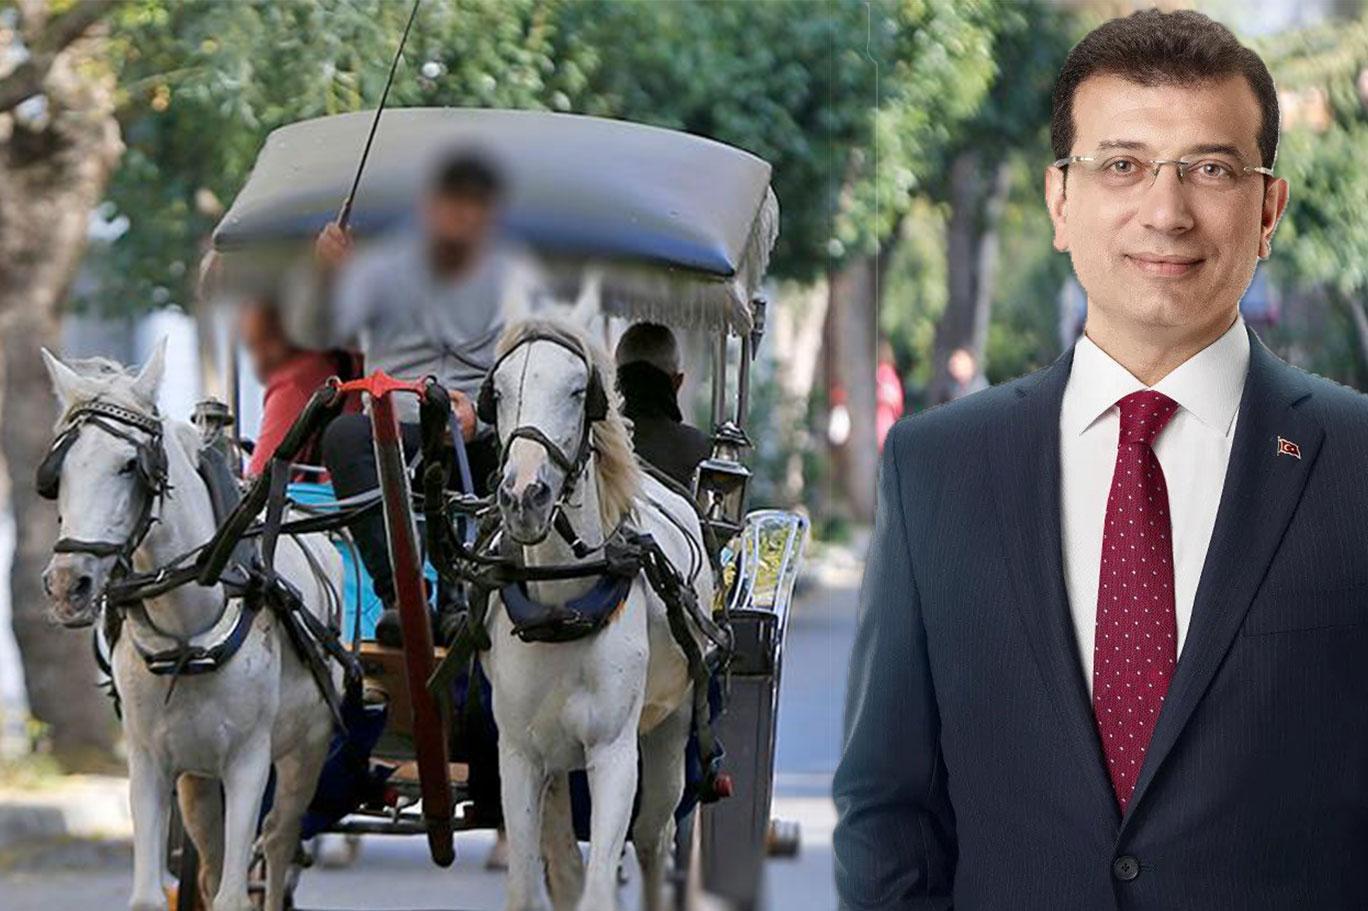 Nisanda söz vermişti… İmamoğlu: Fayton konusunu çözüyoruz | Independent Türkçe